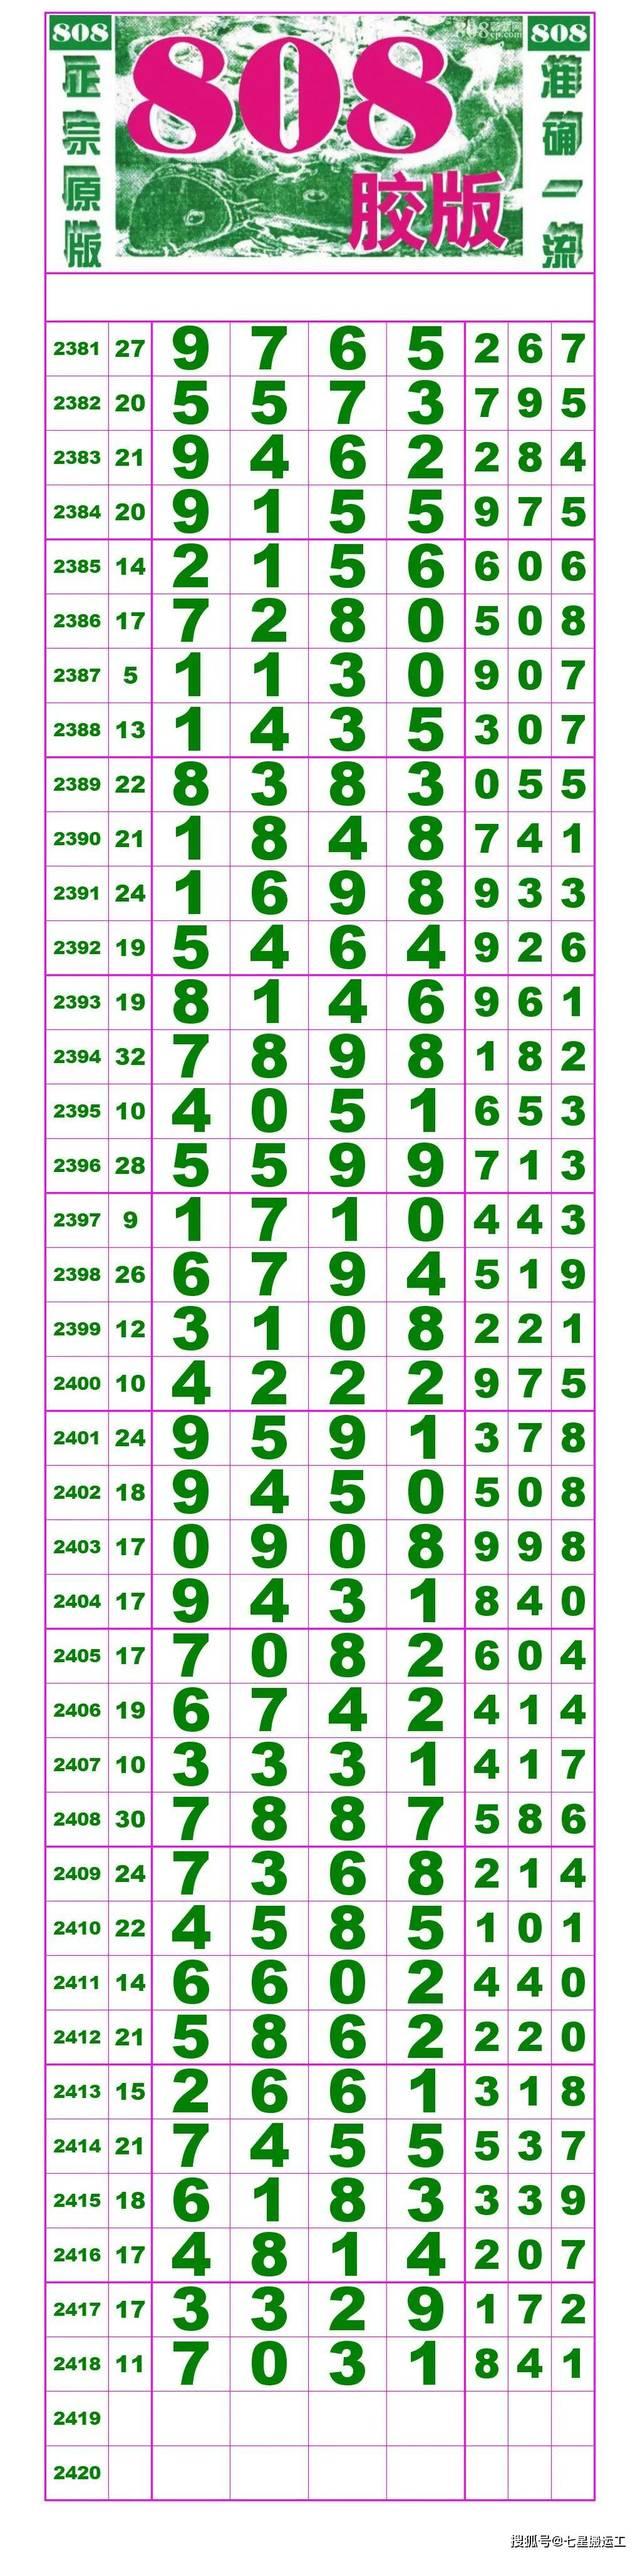 2419期:7星(好宝码大师)分析规律